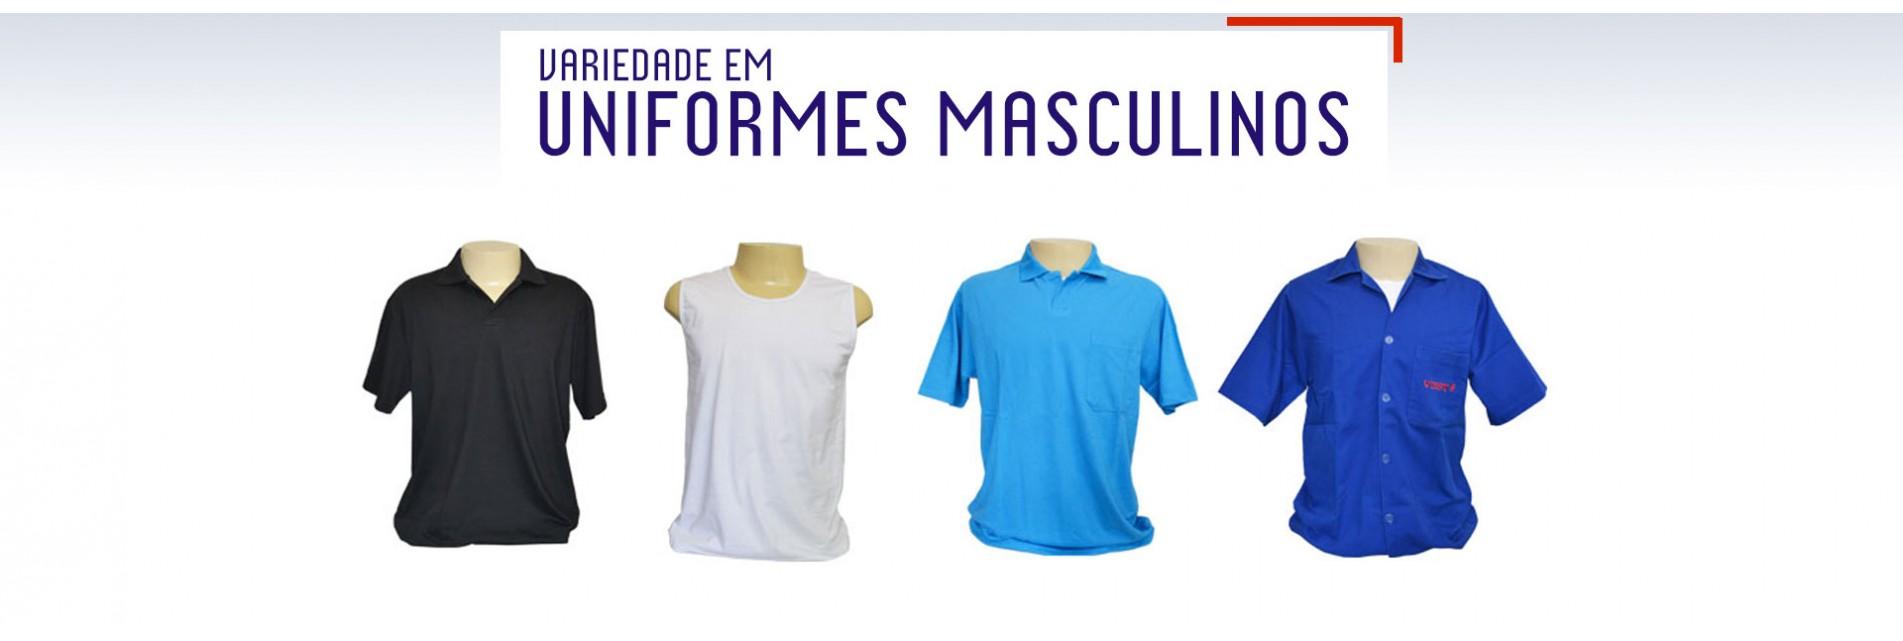 Uniformes Masculinos